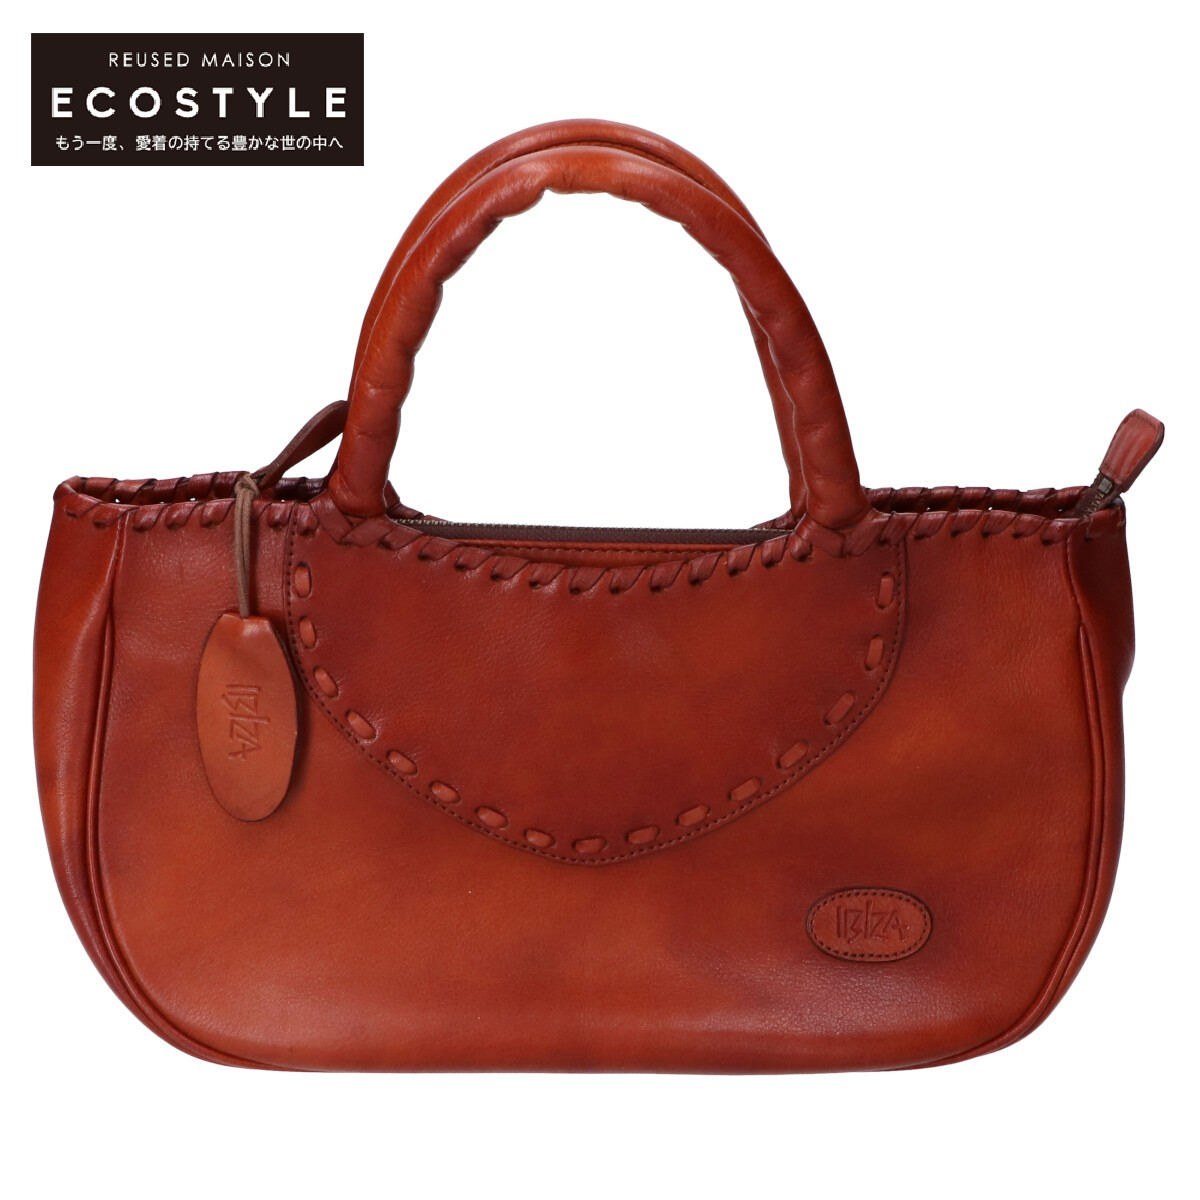 IBIZA イビザ レザー お値打ち価格で 通常便なら送料無料 かがり縫い ステッチ ブラウン ハンドバッグ 中古 レディース